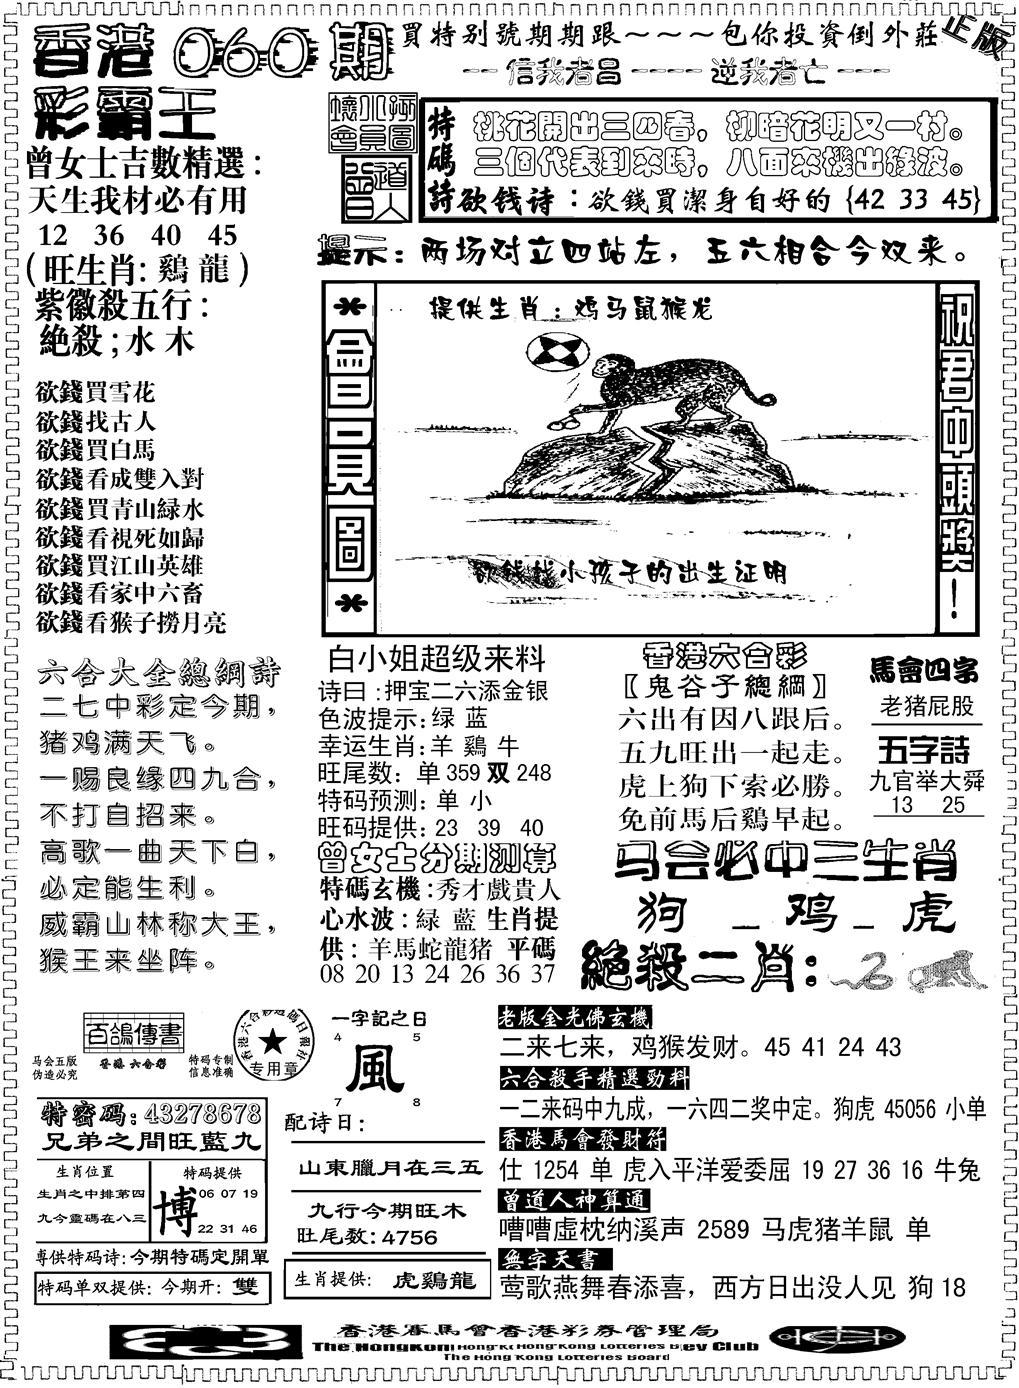 060期另版新版彩霸王B(黑白)